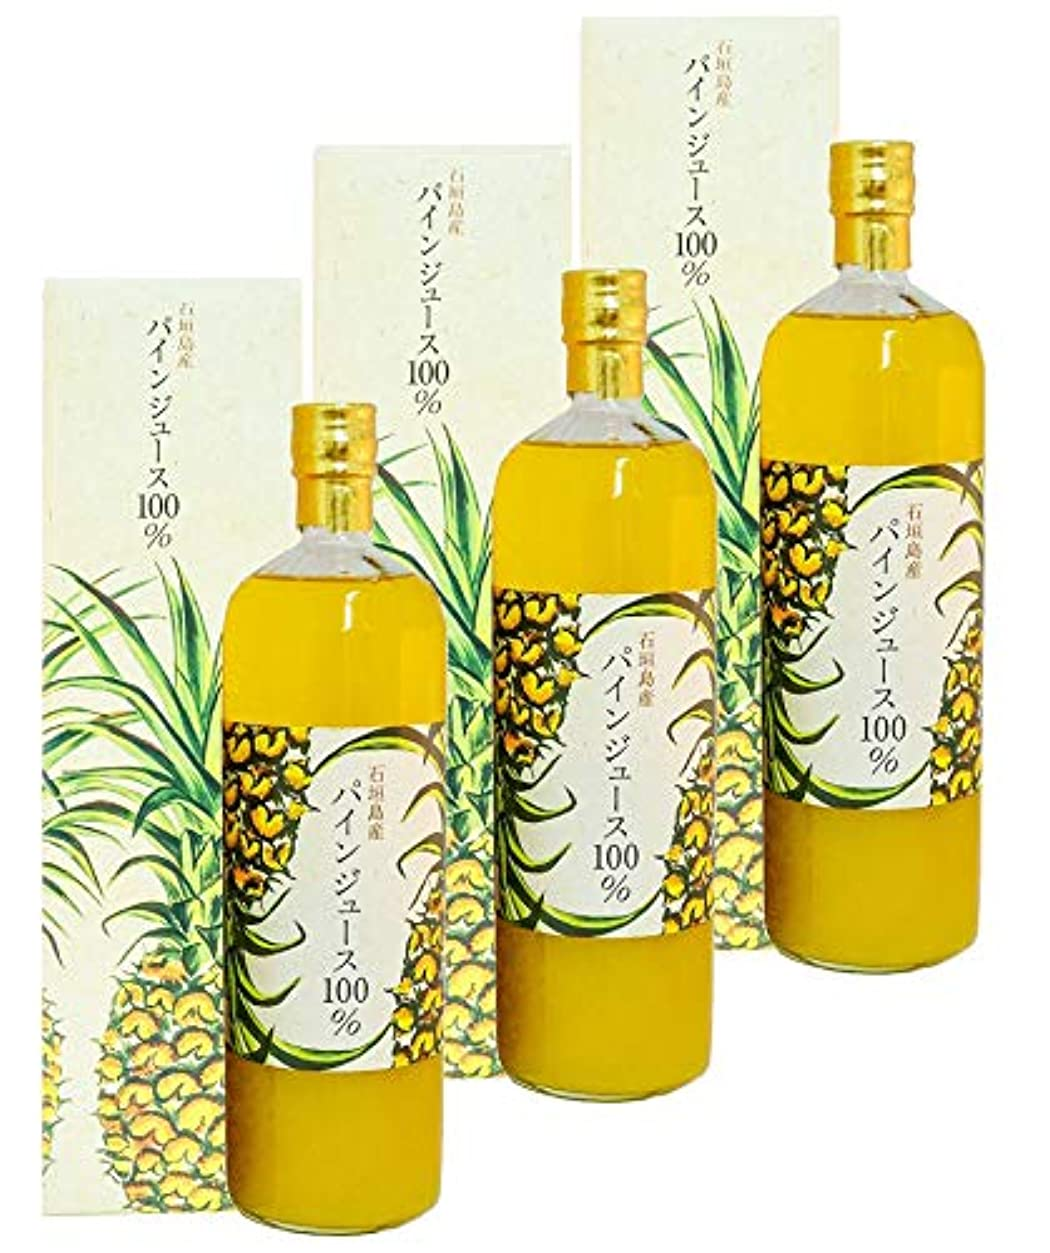 記述するよく話されるレタス石垣島産 パインジュース100% 900ml 3本 パイナップルジュース